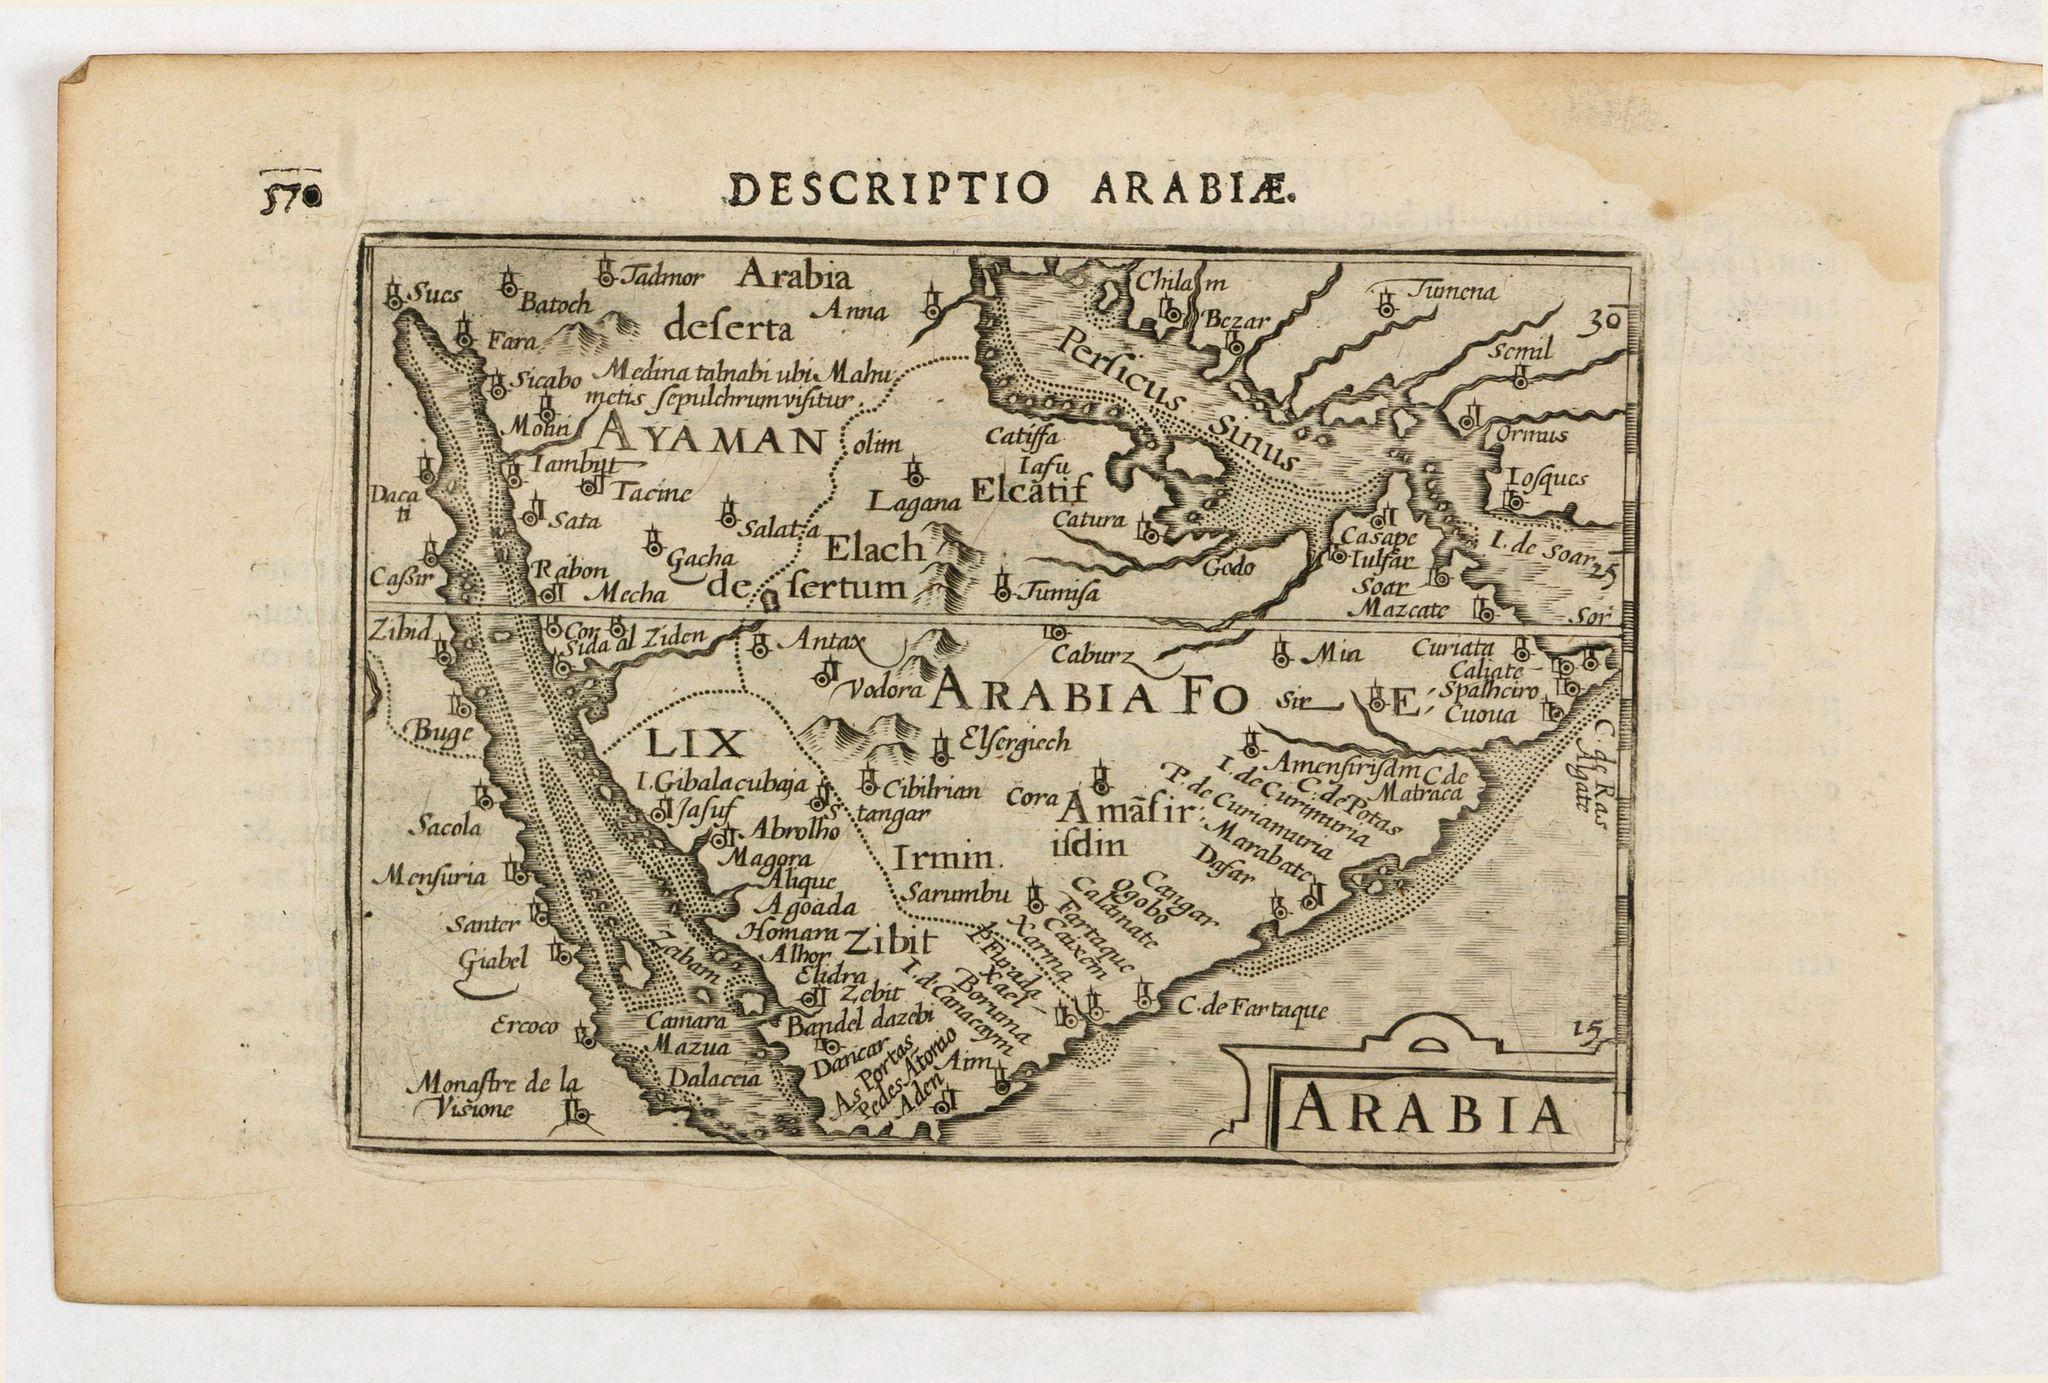 LANGENES, B. / BERTIUS, P. -  Descriptio Arabie / Arabia.